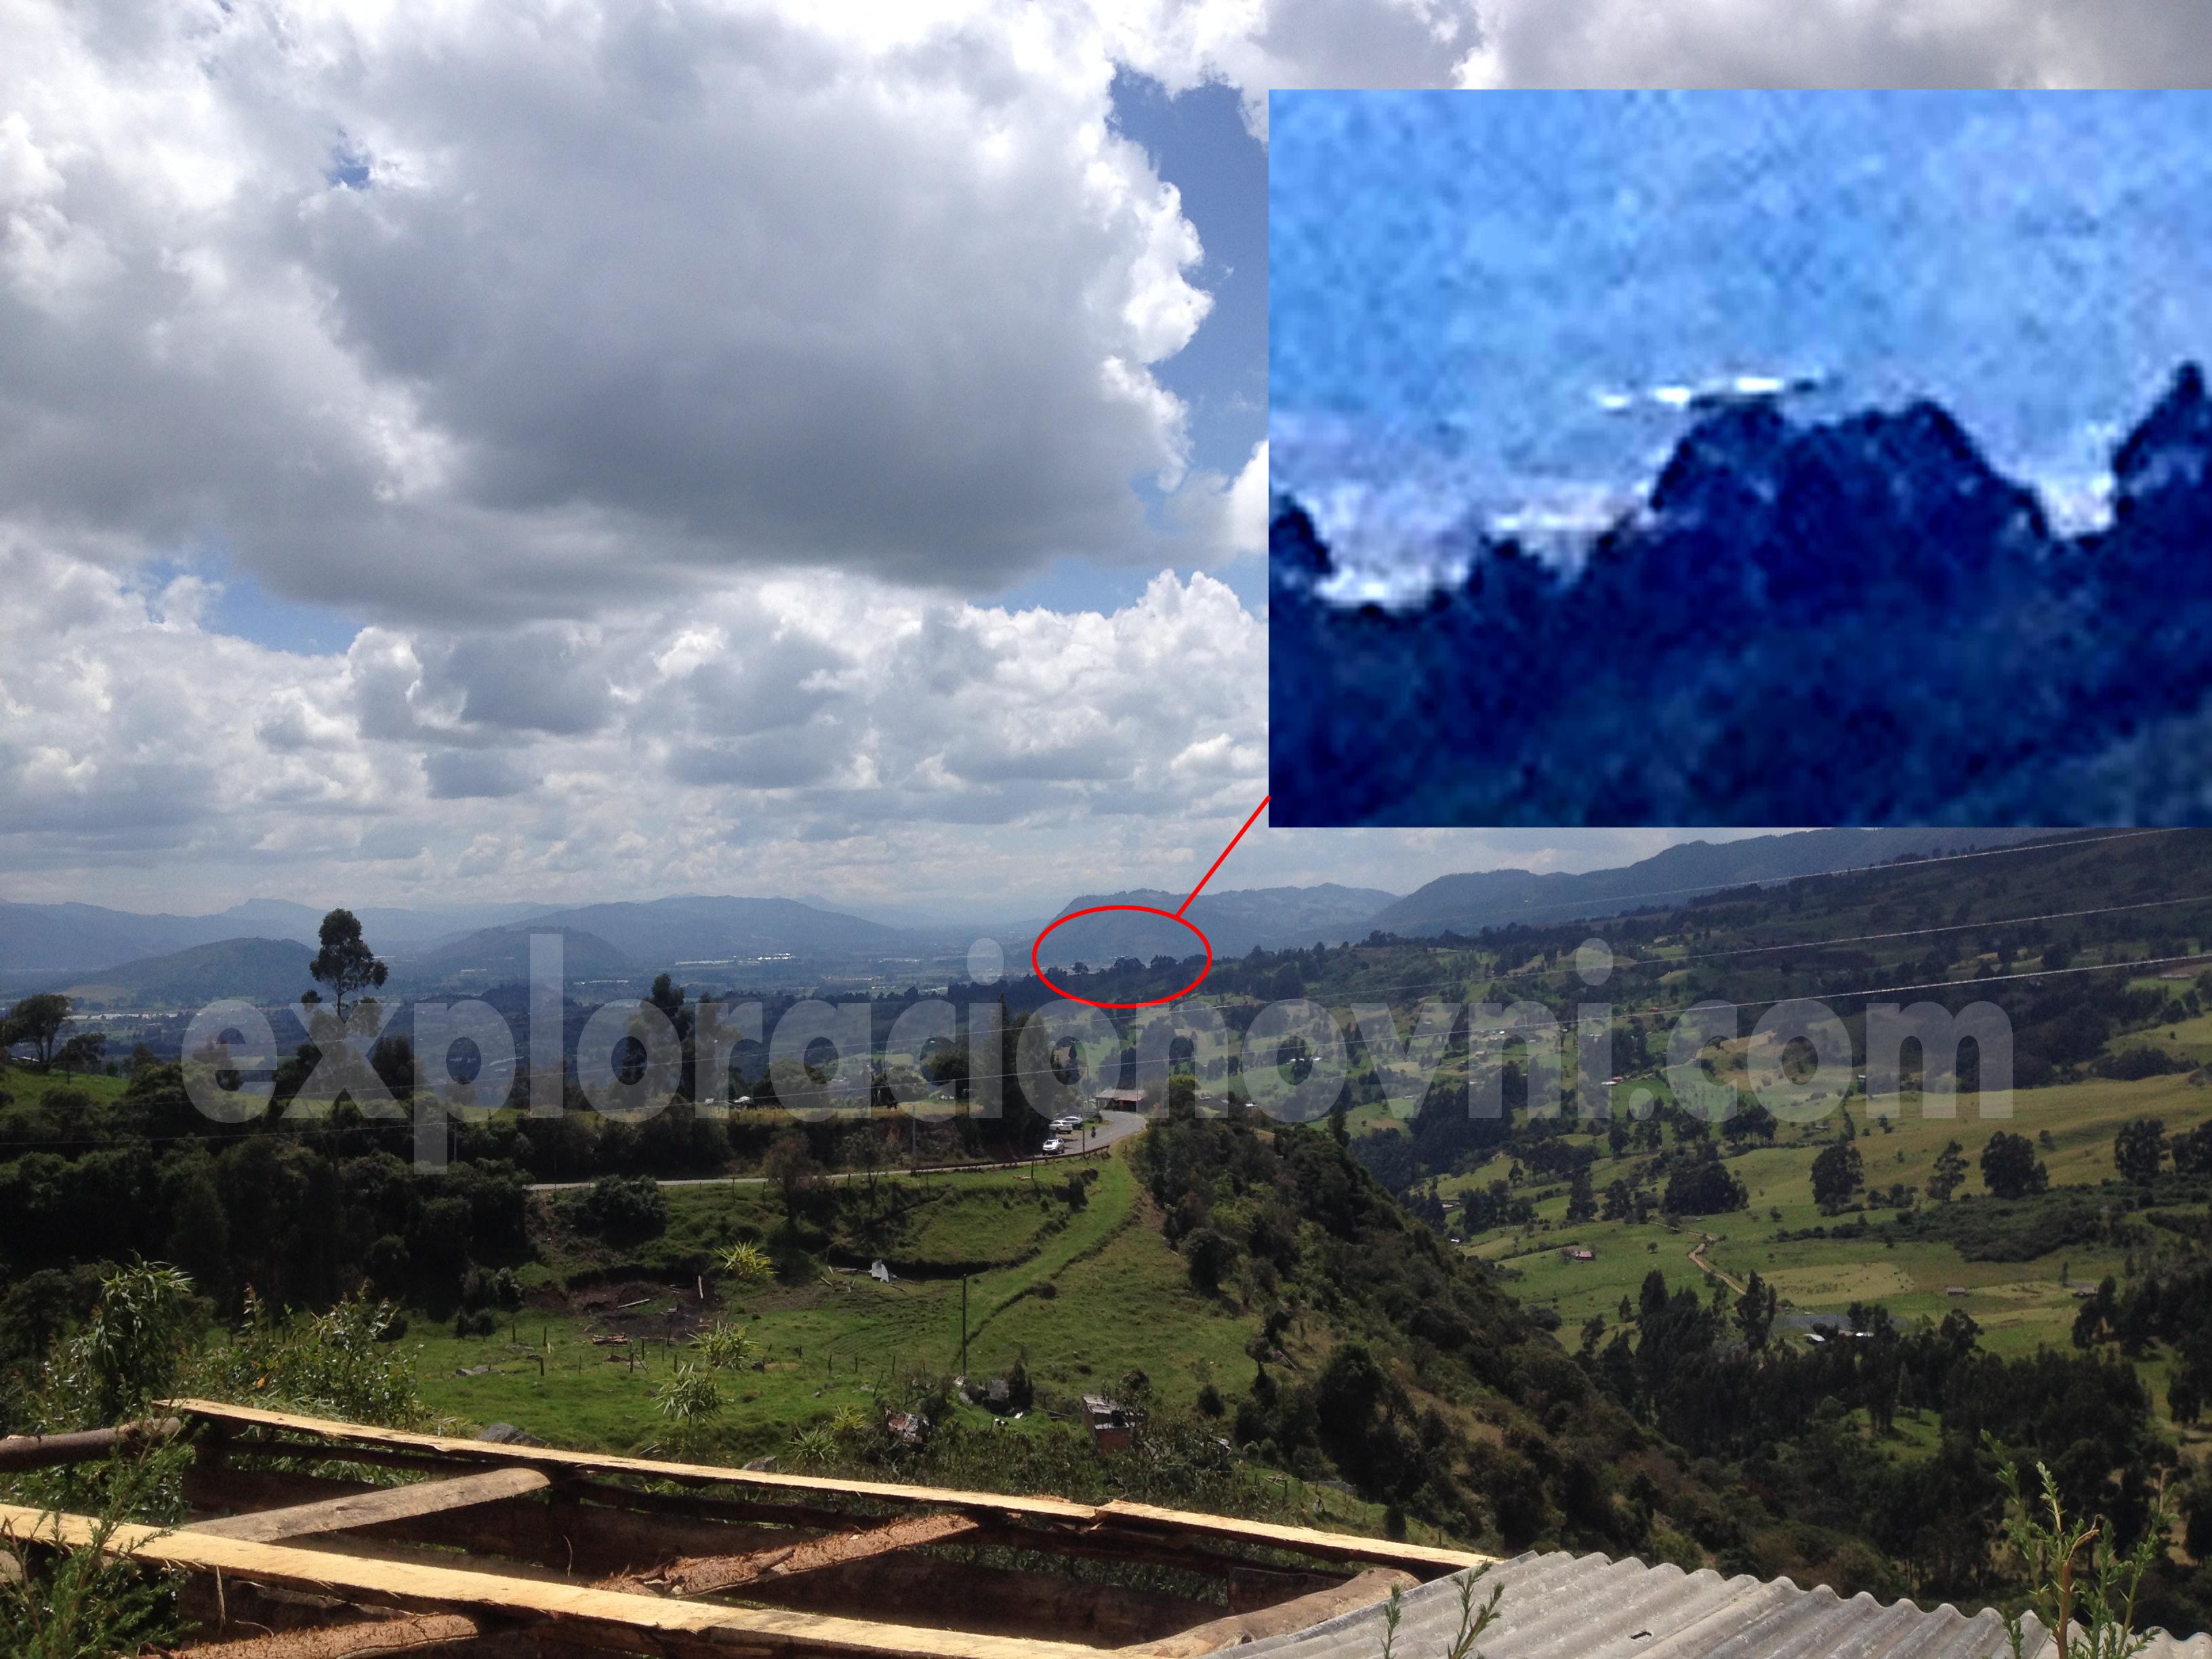 Objeto extraño captado sobre Embalse de Neusa, Cundinamarca, Colombia